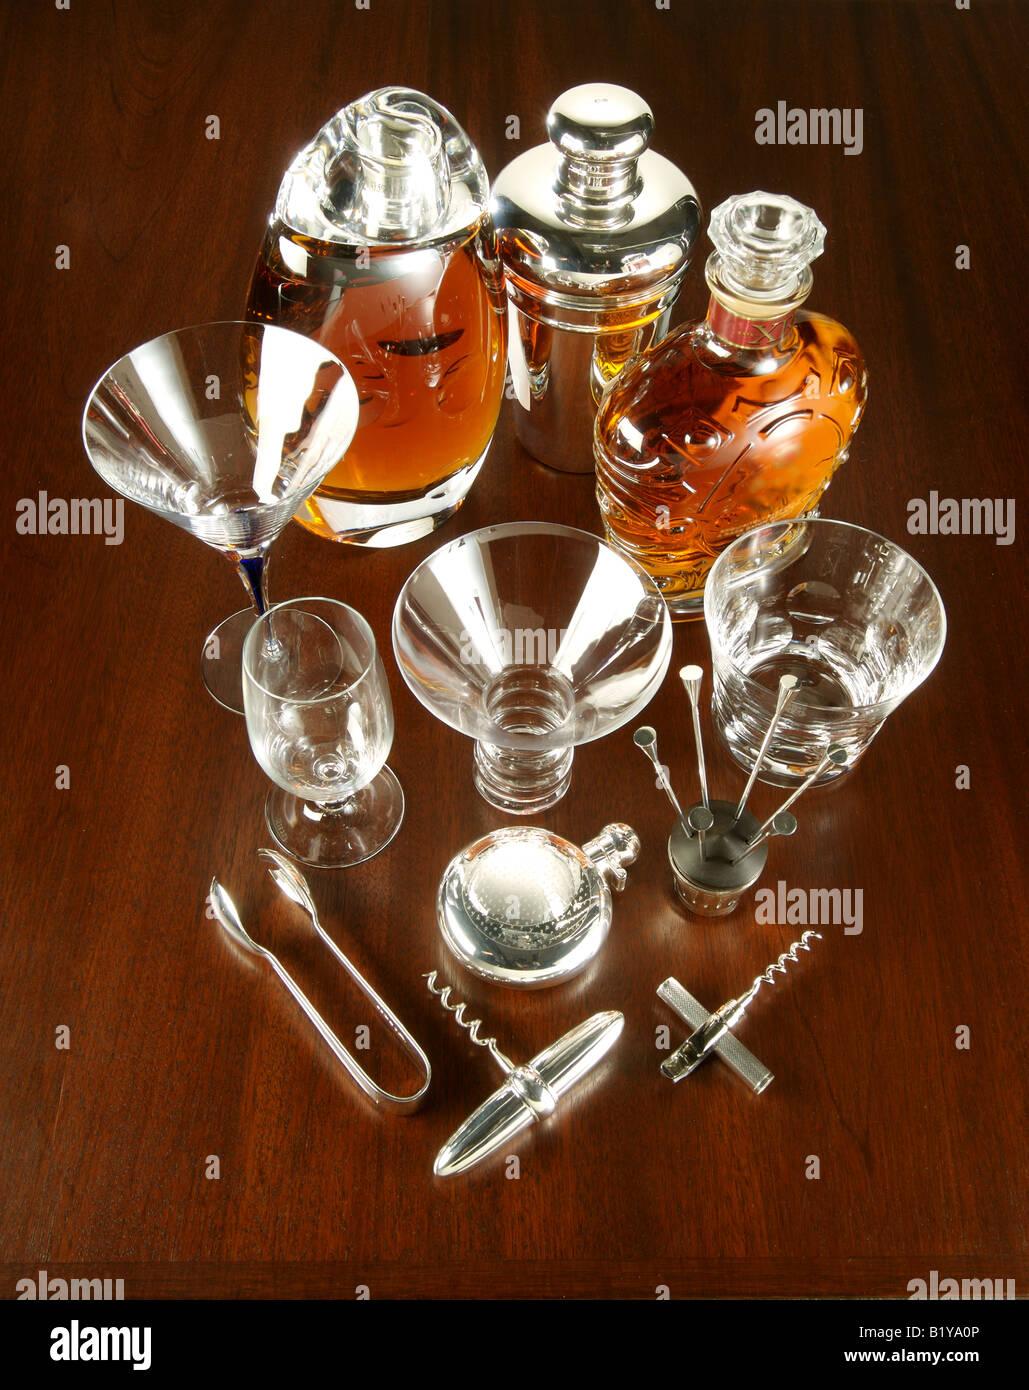 Eine Sammlung von bar-Geschirr - Gläser, Werkzeuge und Alkohol. Stockbild